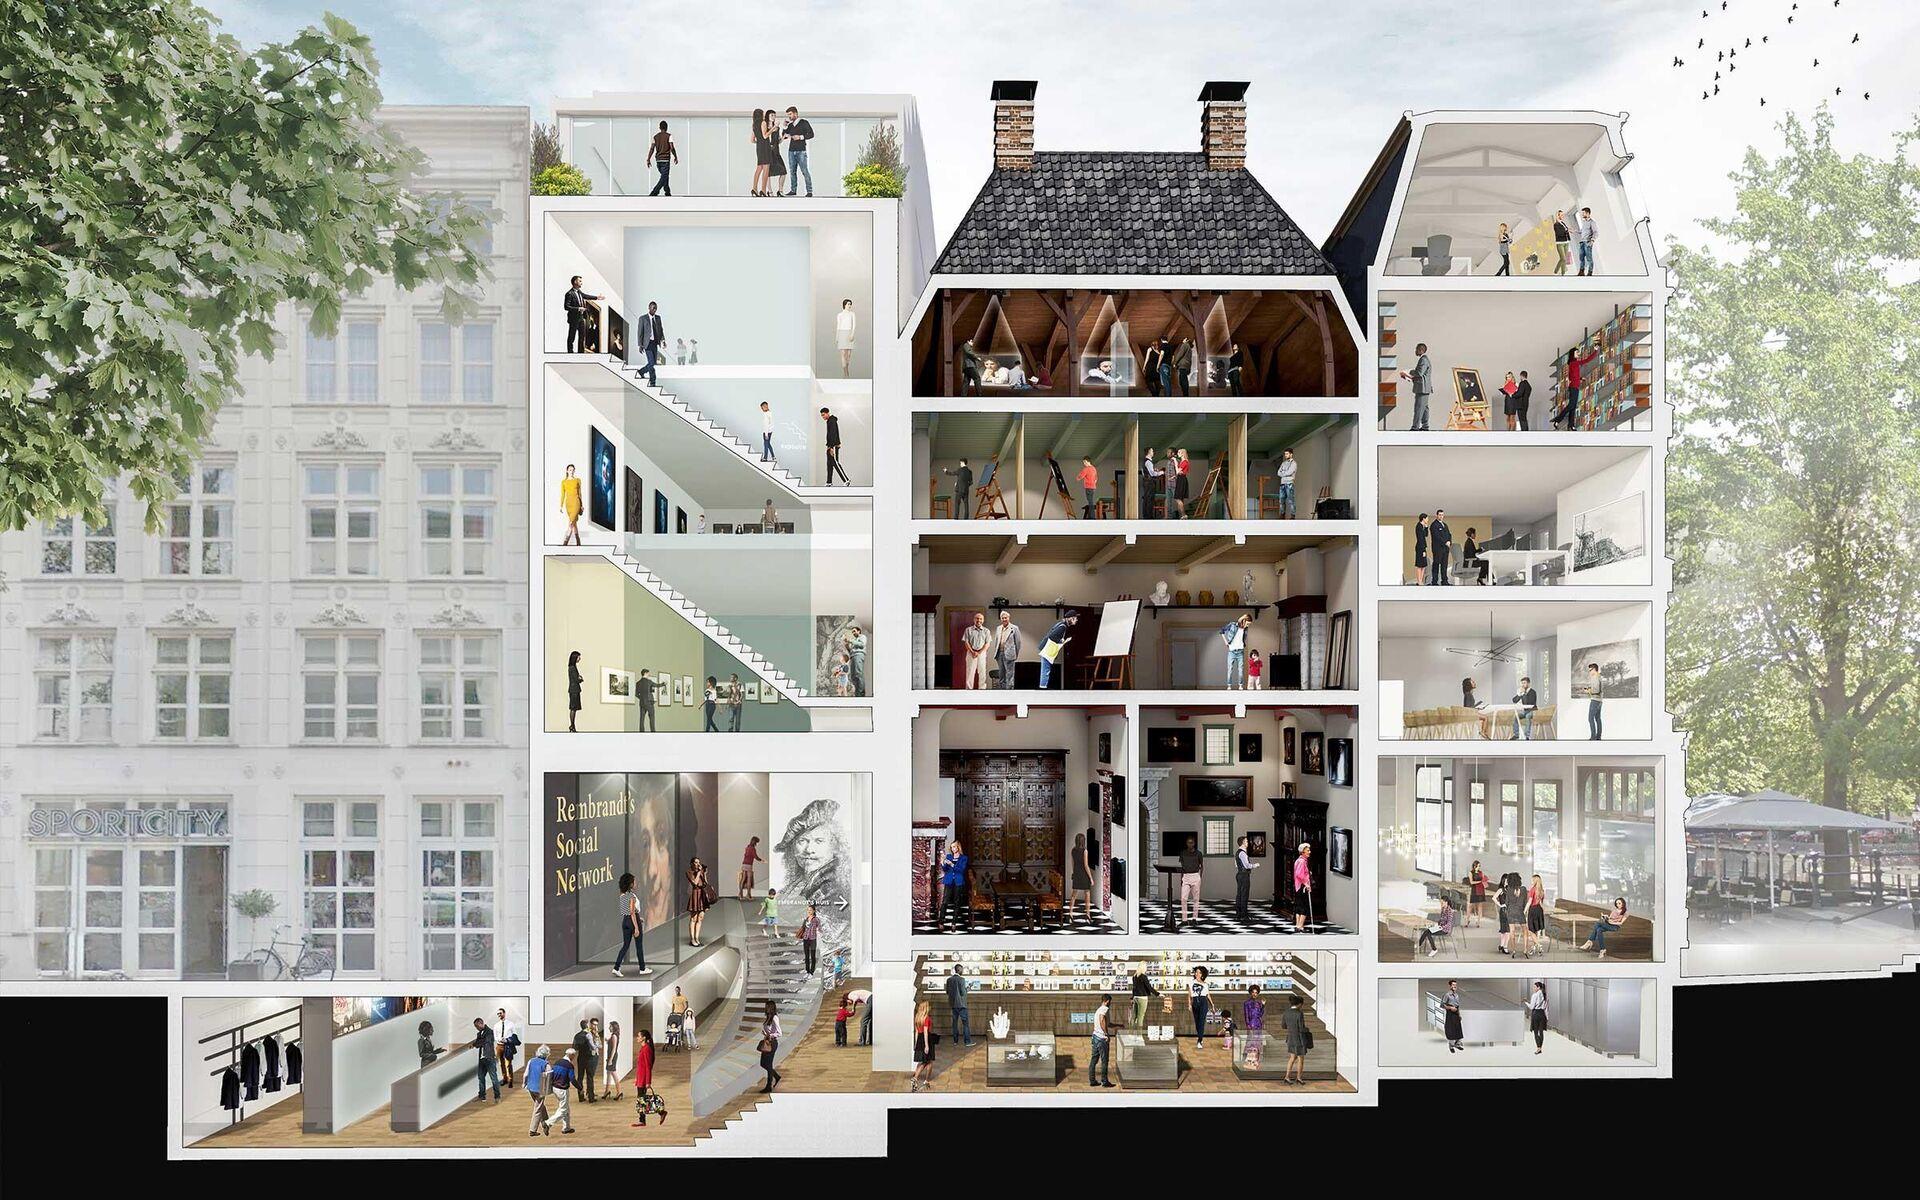 Vernieuwing Rembrandthuis